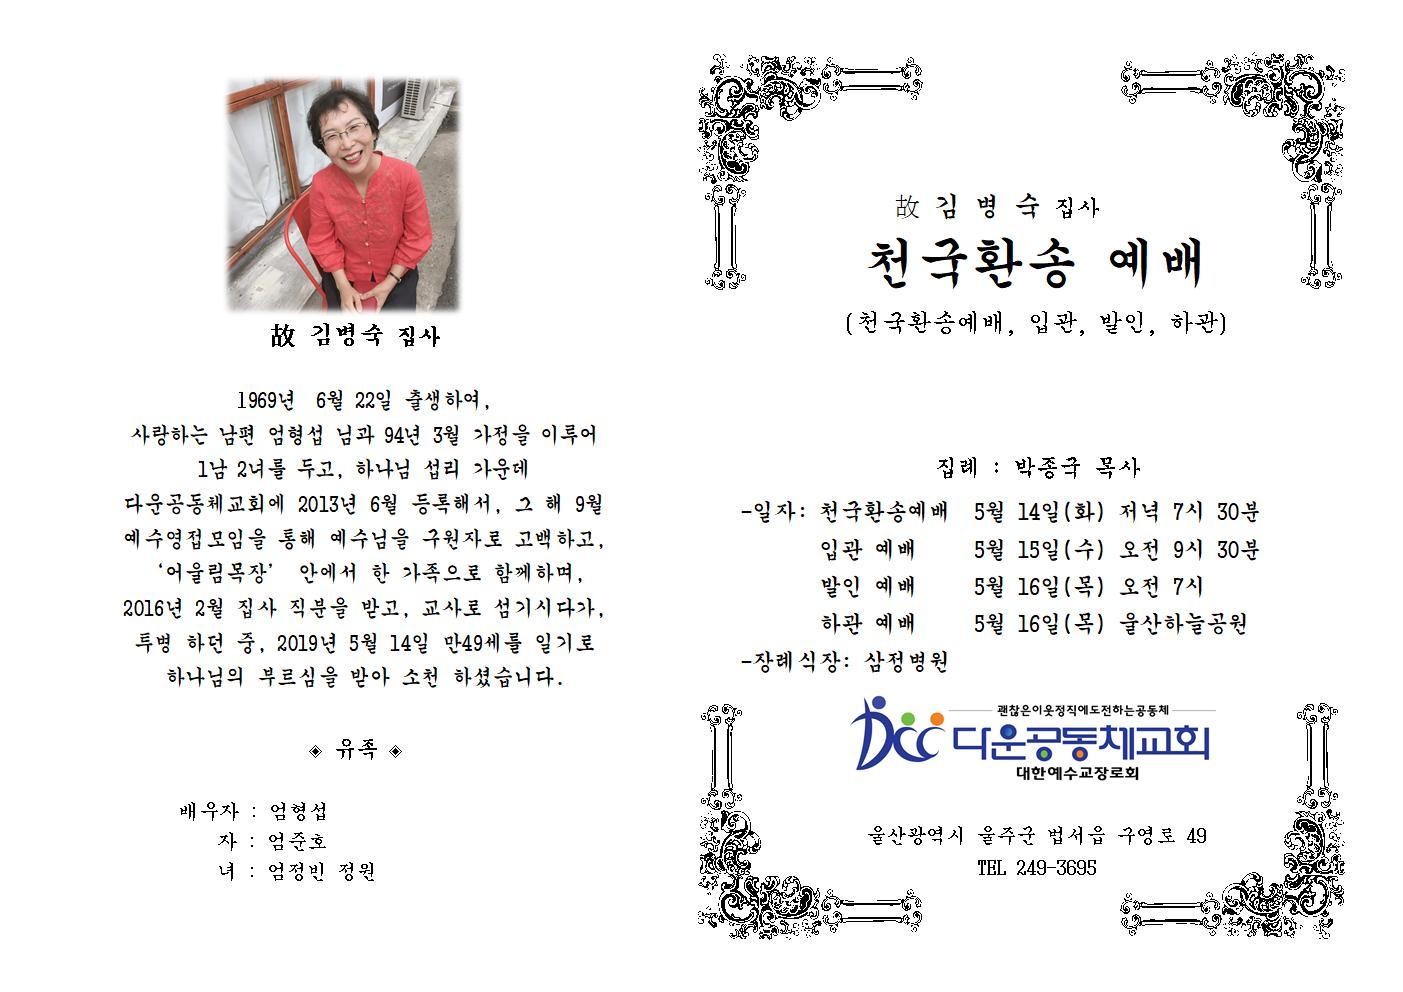 김병숙 집사(엄정빈정원모친) 천국환송예배001.jpg